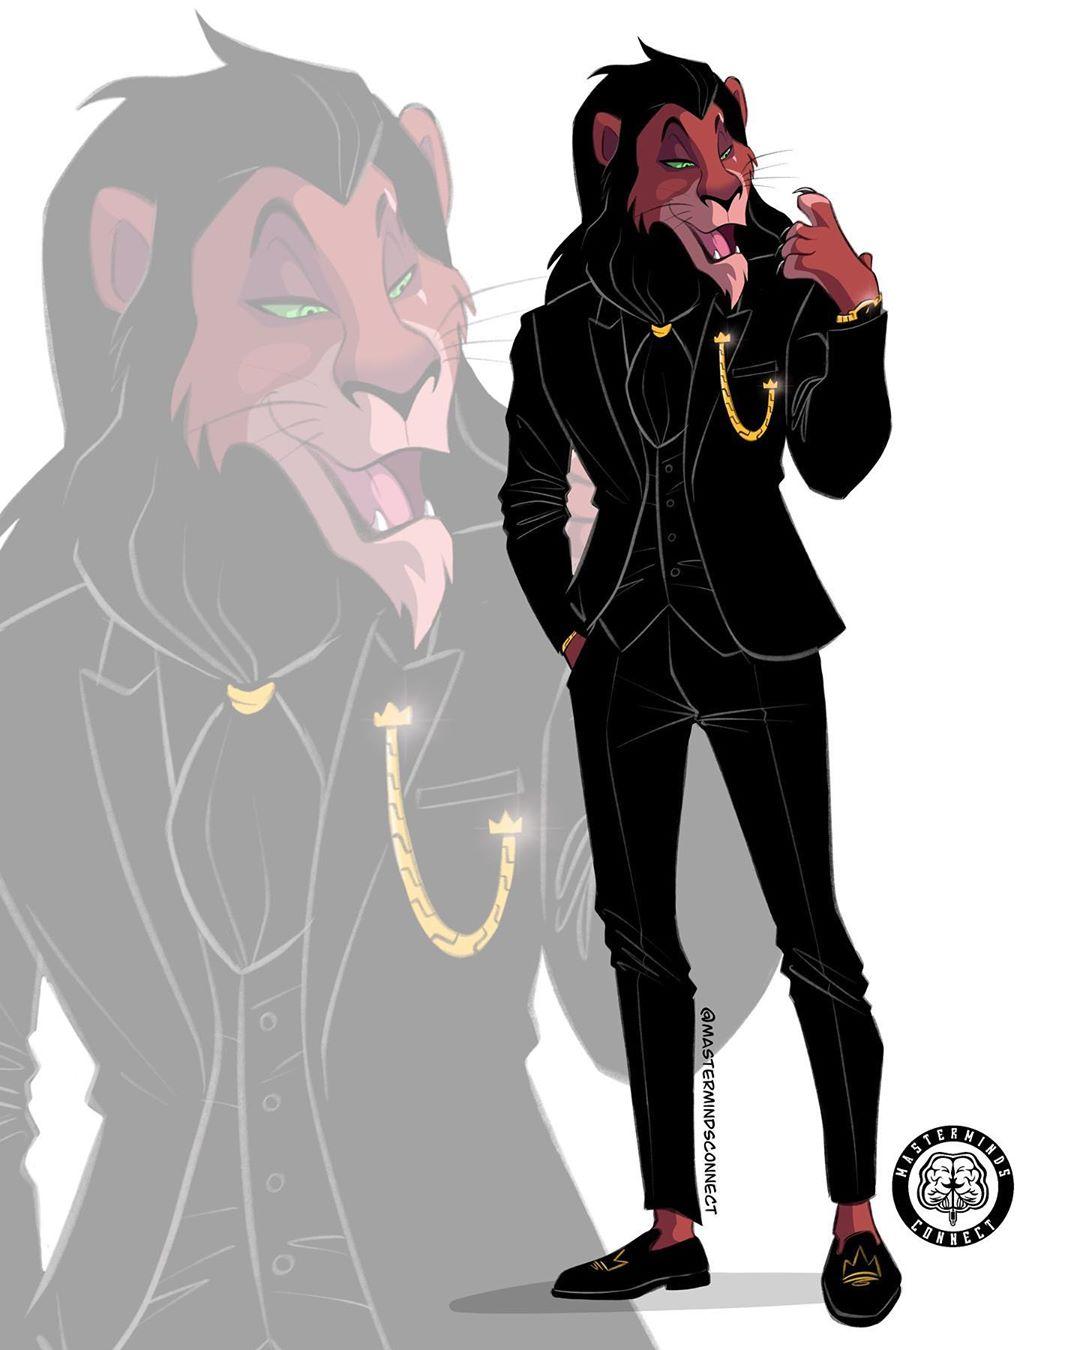 藝術家擬人化《獅子王》角色太傳神 木法沙有「水行俠壯肌」比辛巴還帥!